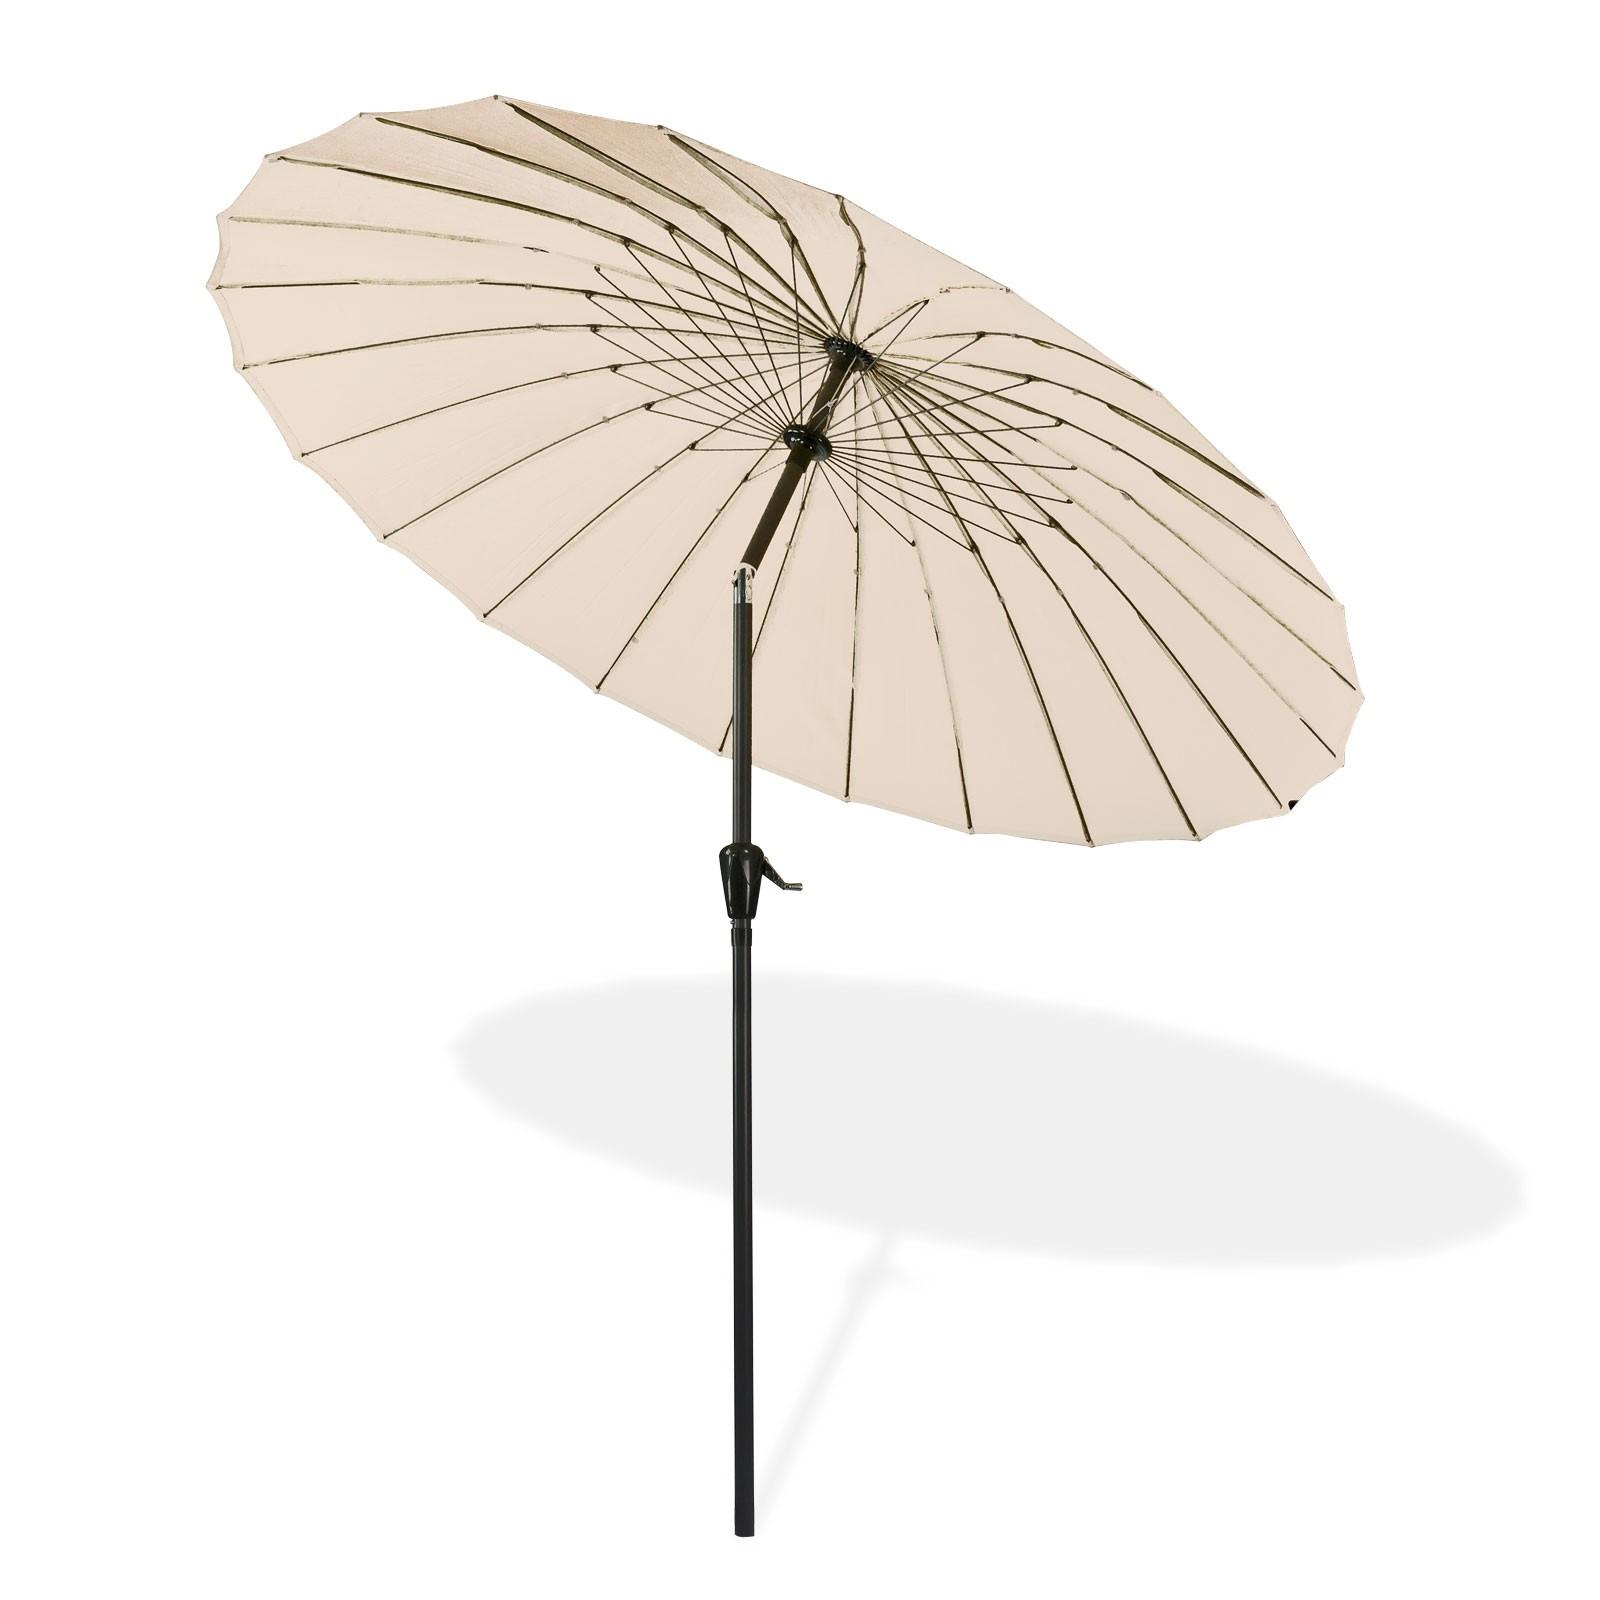 Sonnenschirm gartenschirm schirm kurbelschirm tokio rund 2 for Stahlwandbecken rund 5 m